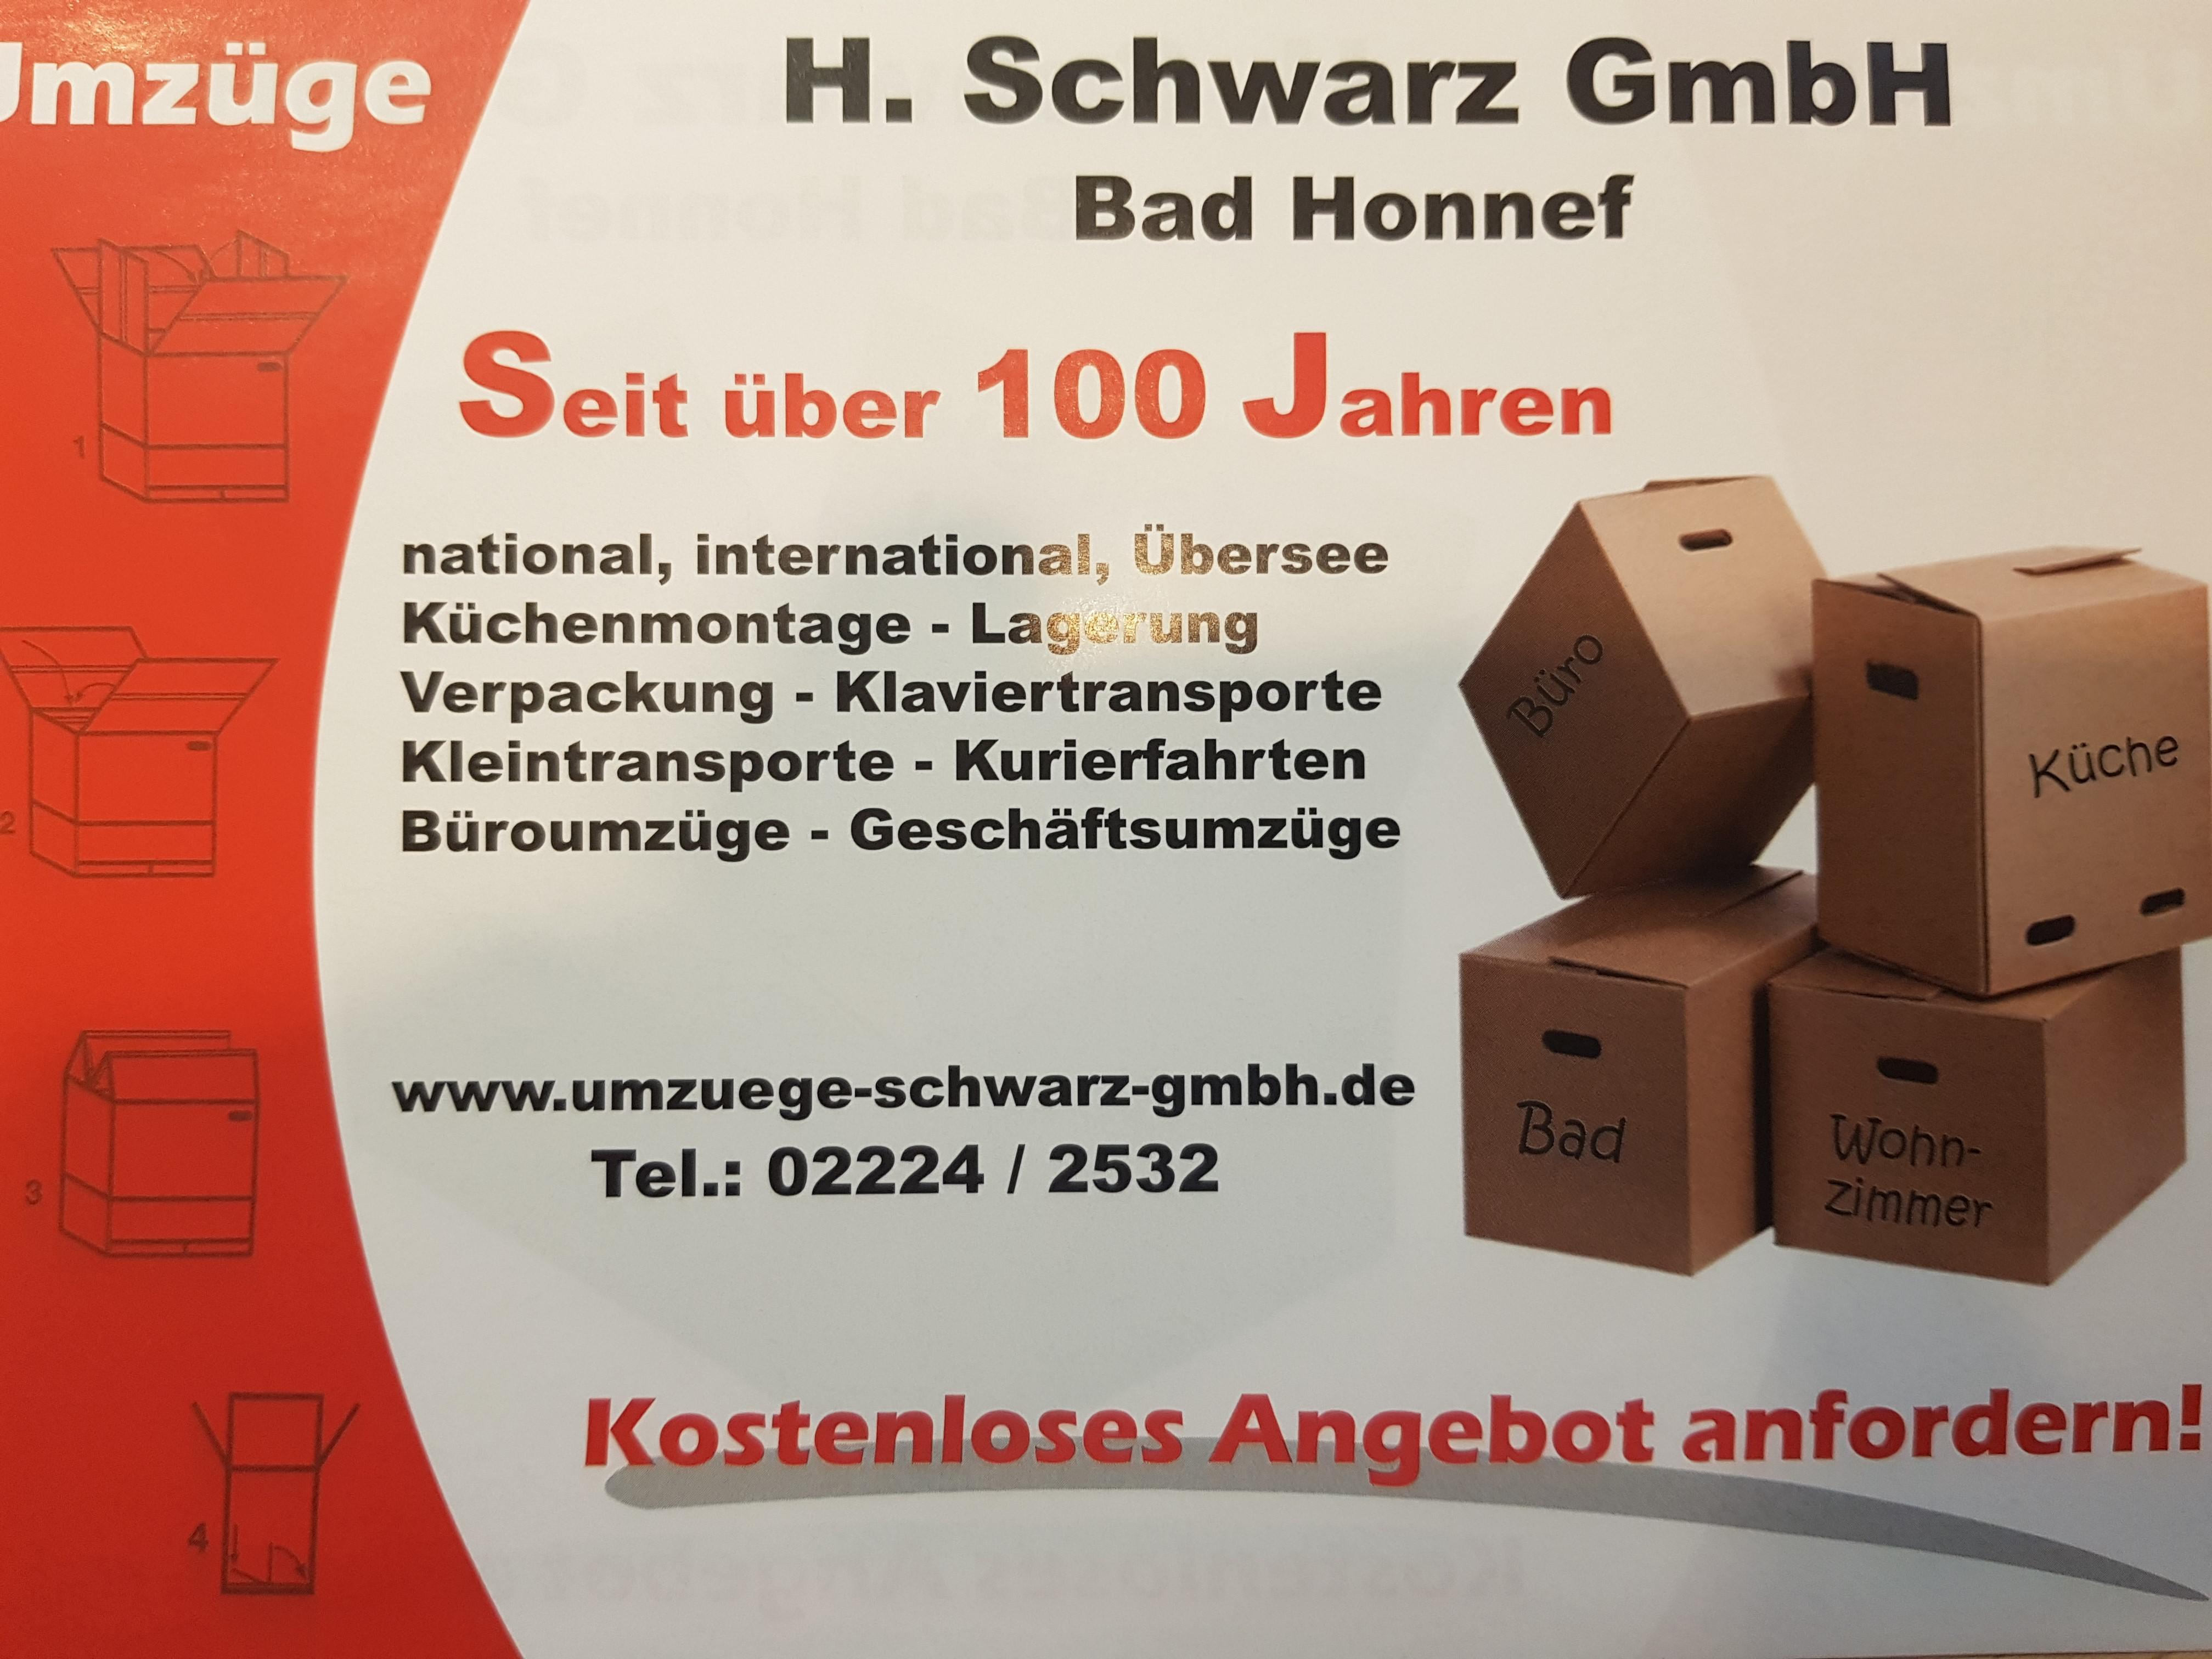 Heinrich Schwarz GmbH | Umzüge & Möbelspedition | Bad Honnef